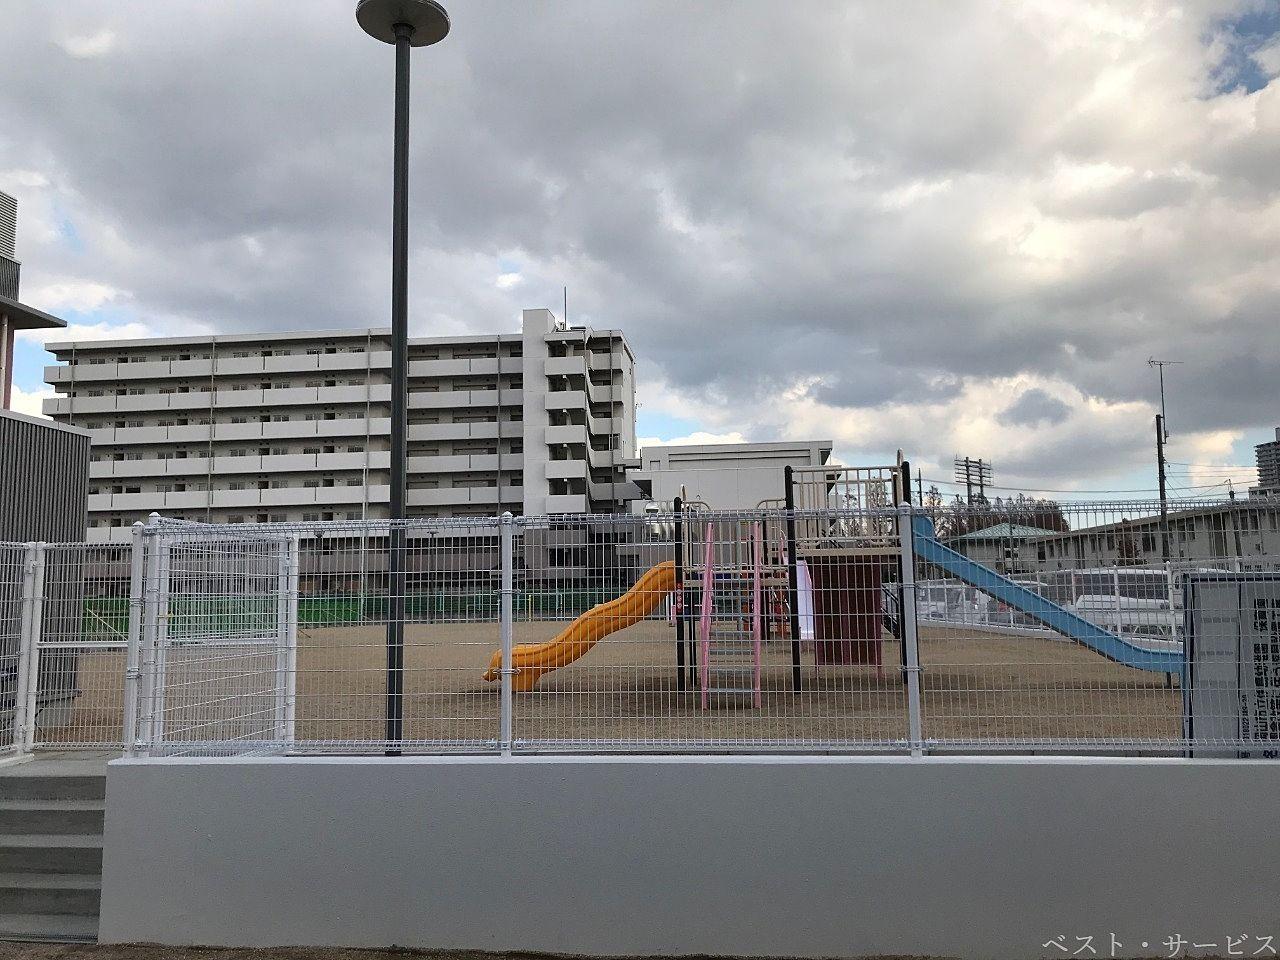 伊島認定こども園の遊園地(運動場)